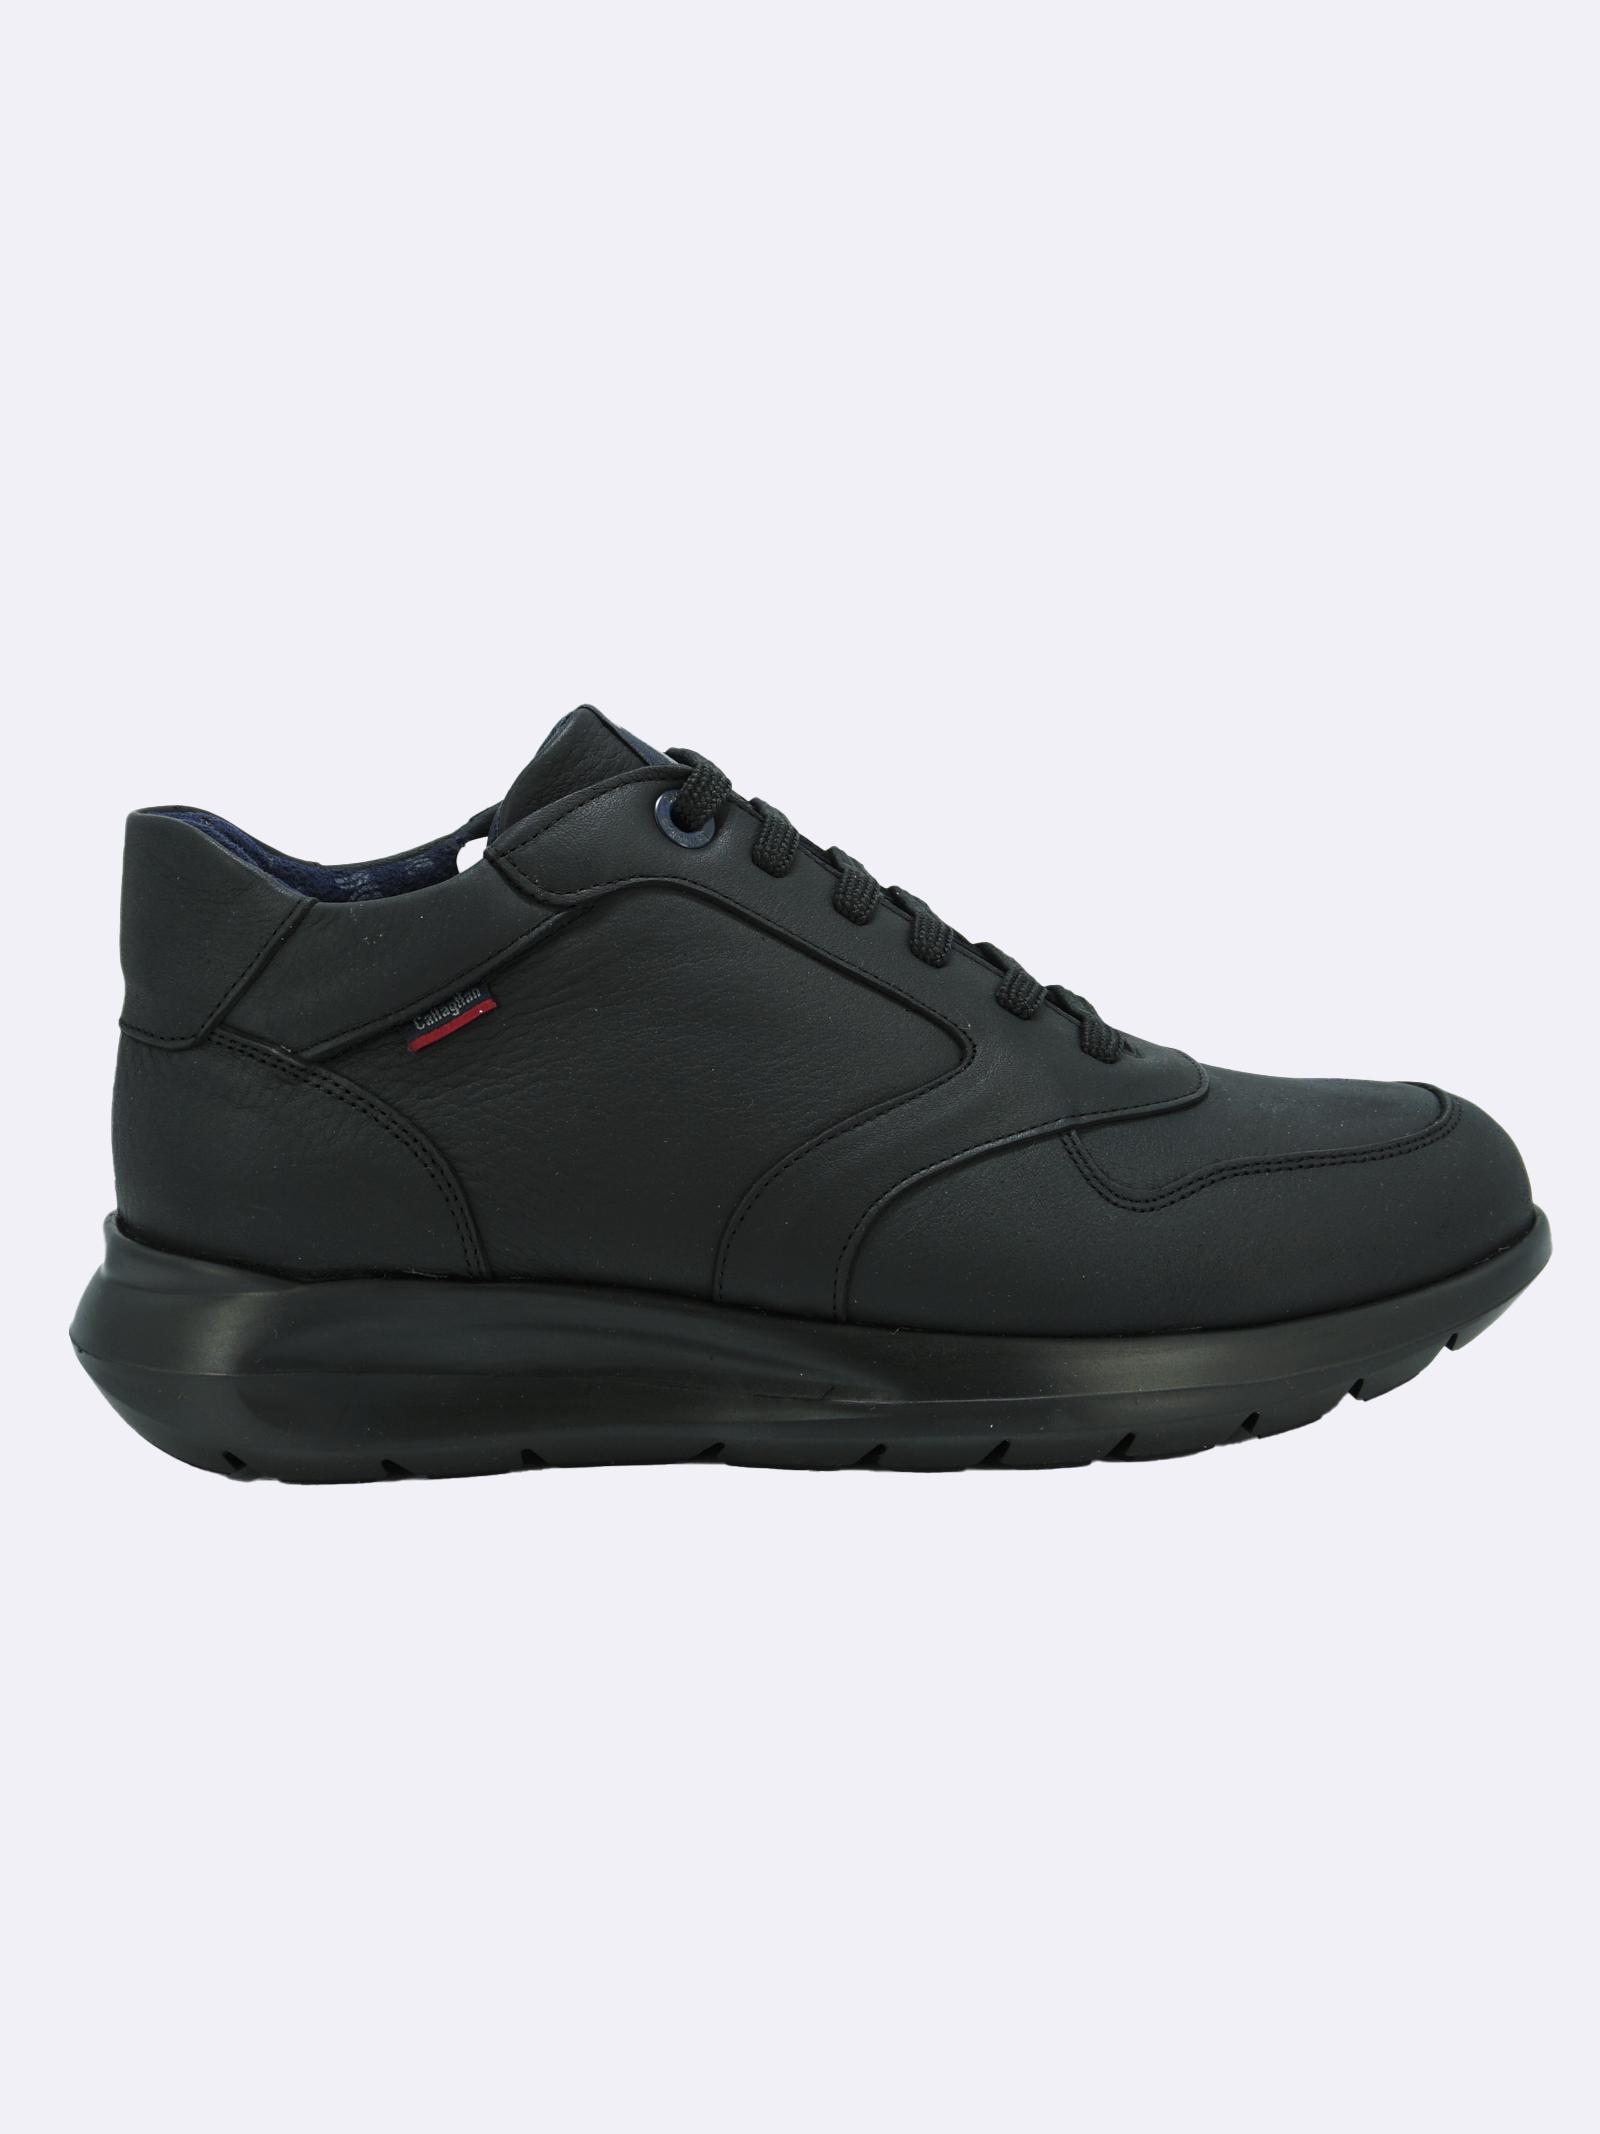 Sneakers Uomo in Pelle Nero con Plantare Estraibile Callaghan | Sneakers | 42604NERO